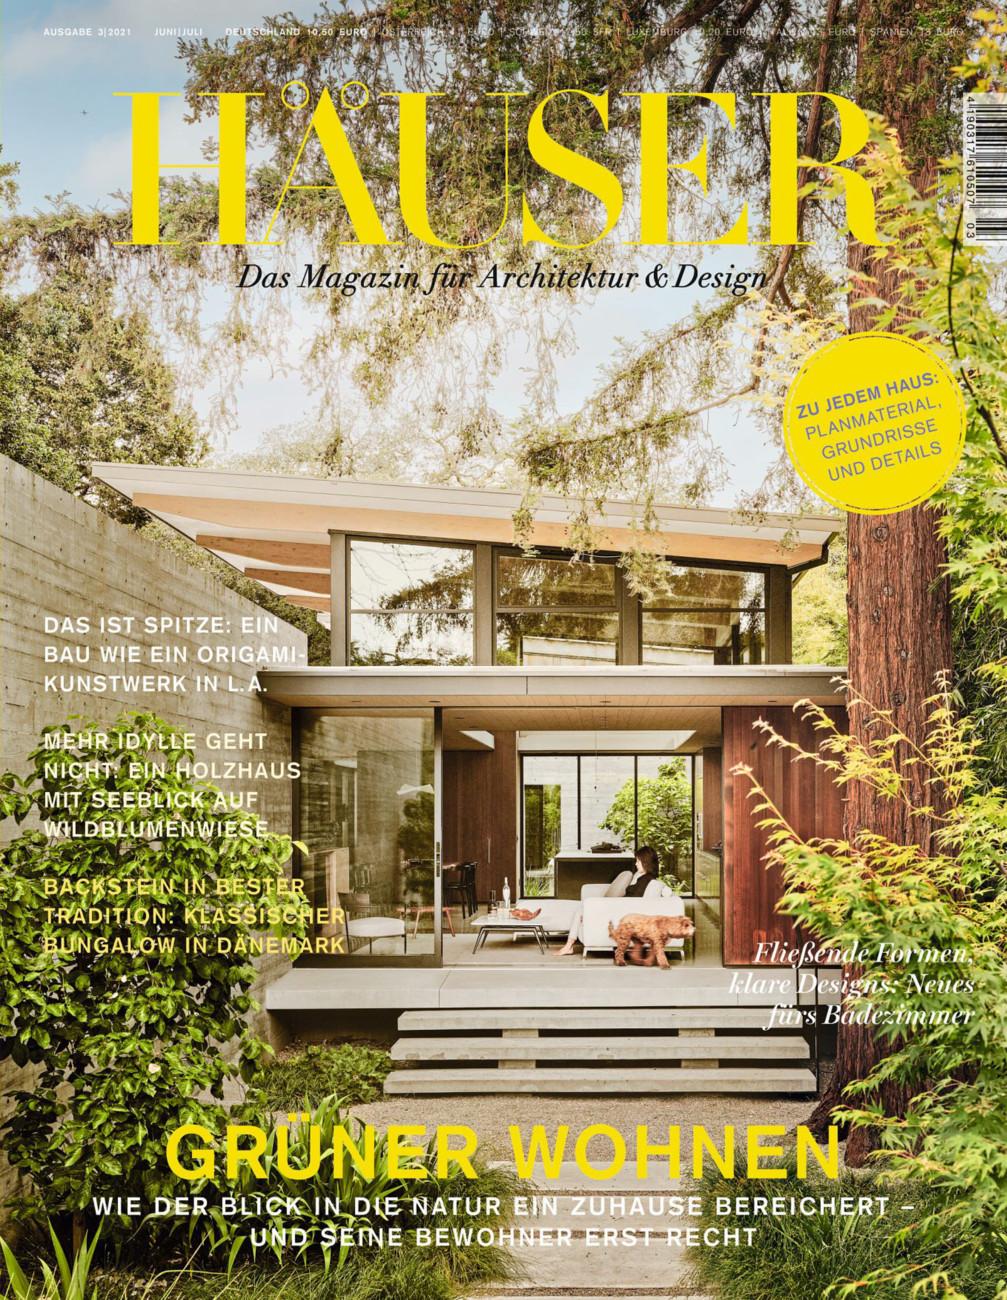 Häuser, das Magazin für Architektur & Design vom Samstag, 12.06.2021